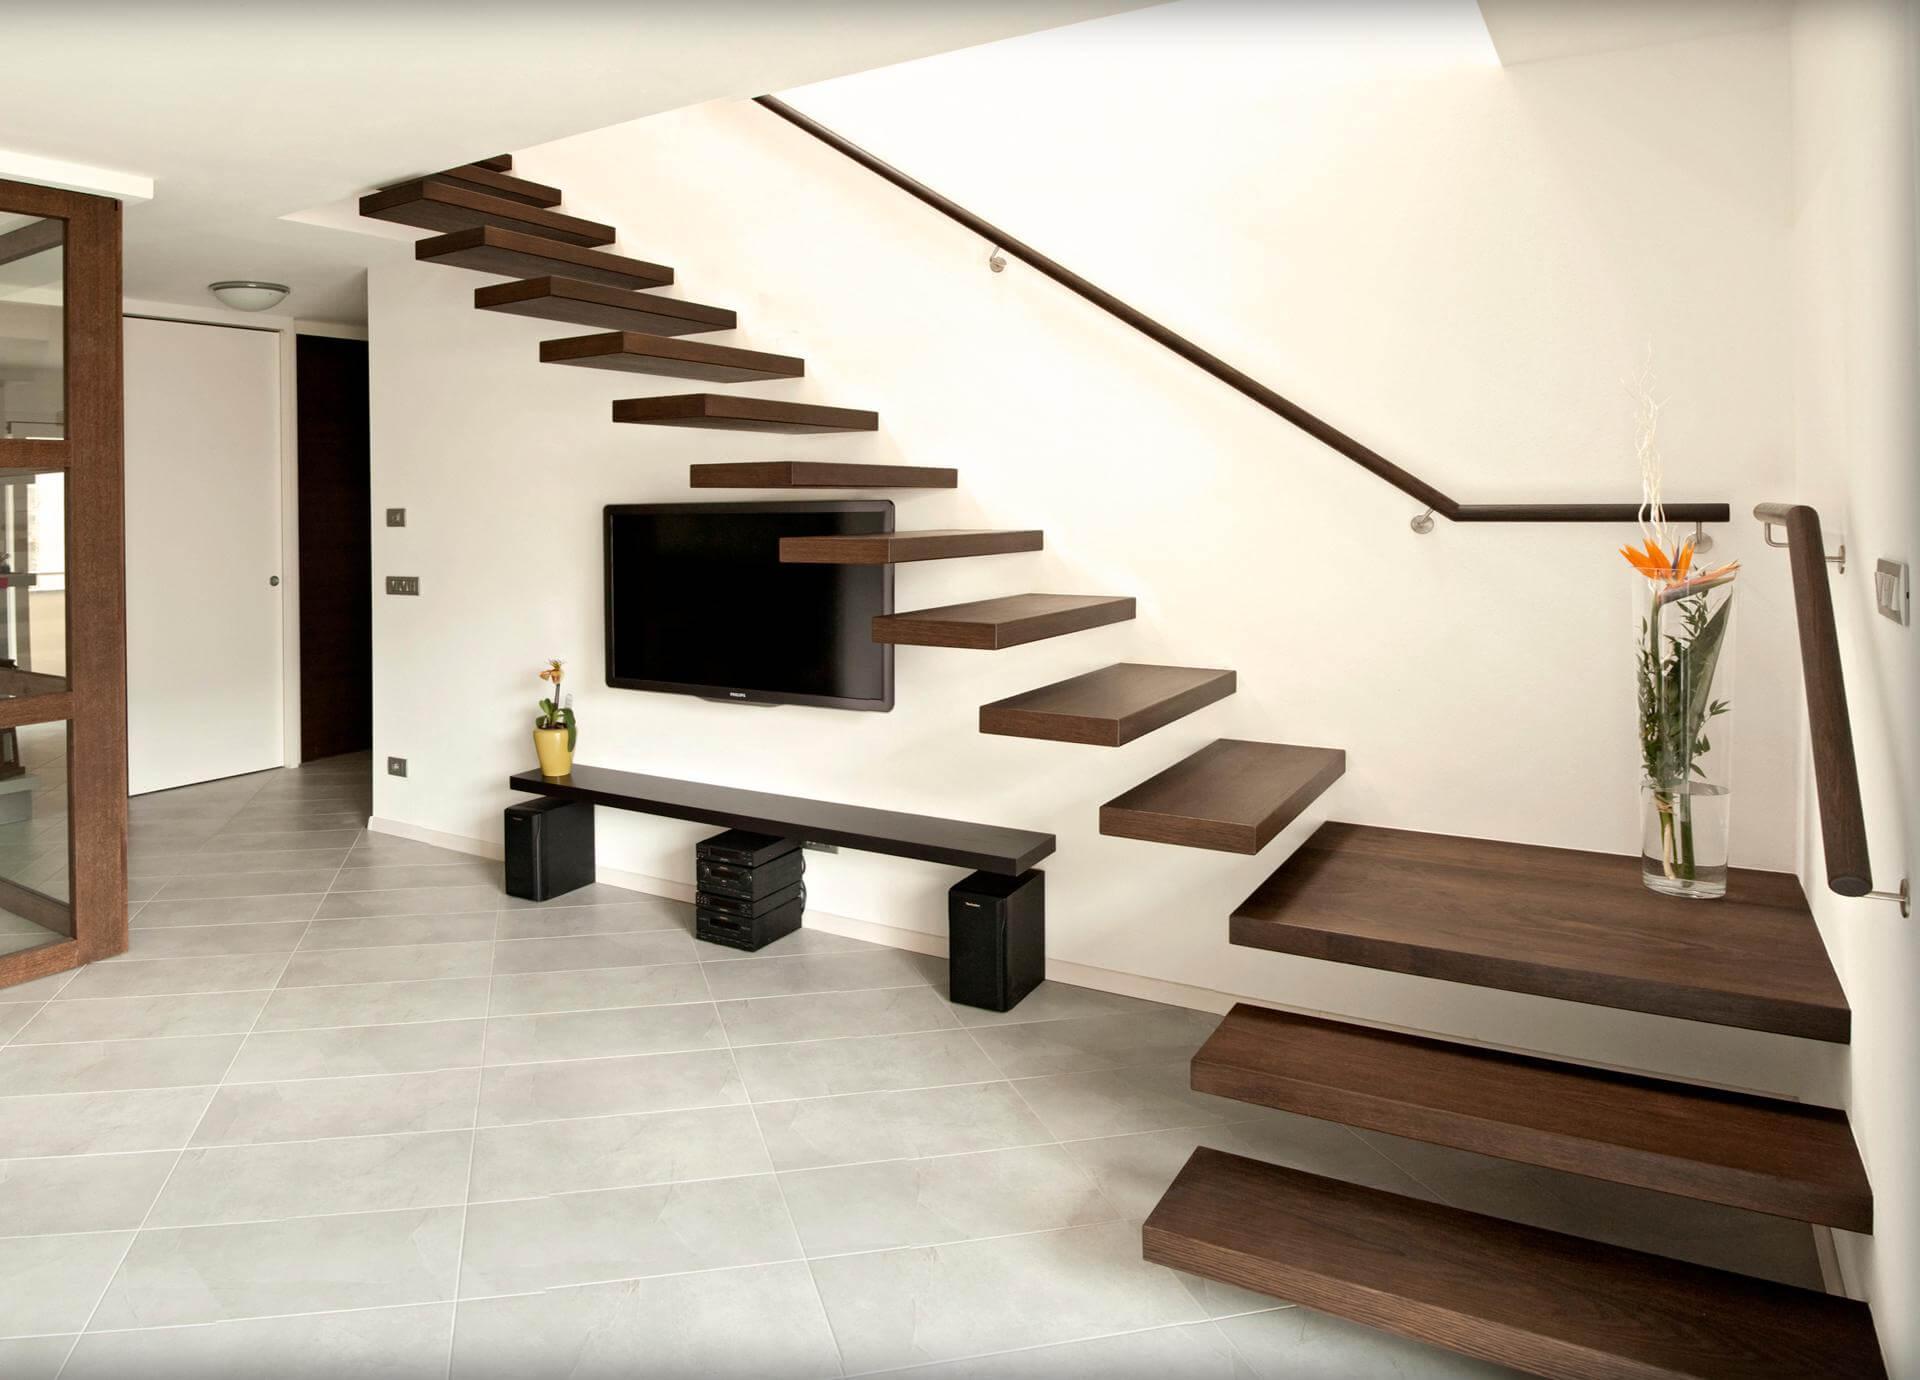 Freischwebende Treppe auskragende freischwebende stufen